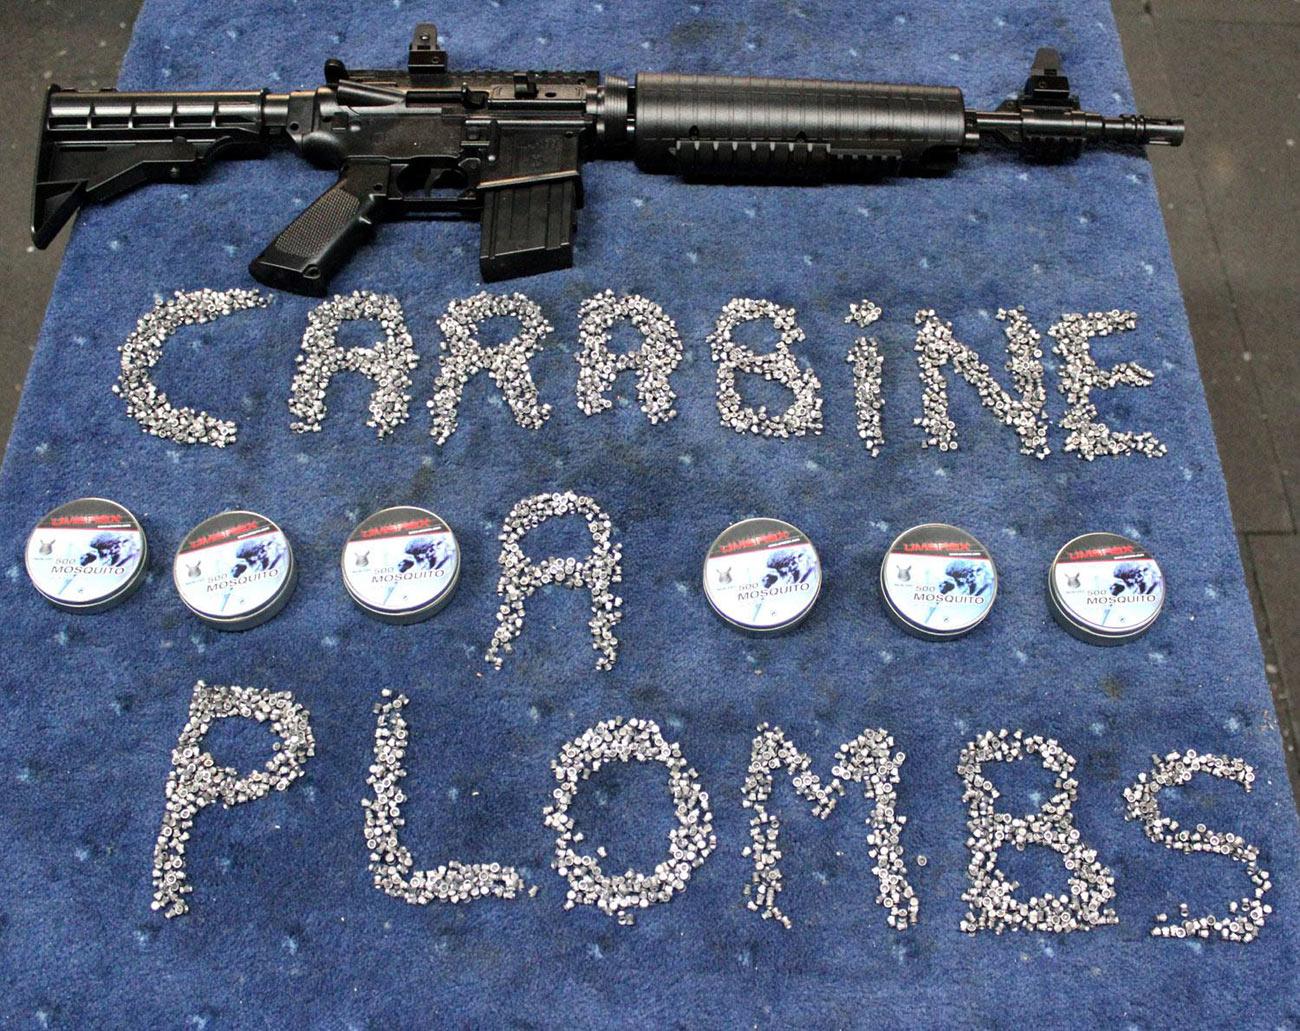 Carabine plombs comment l acheter blog armurerie auxerre armurerie sp cialis e - Pistolet a plomb pas cher ...